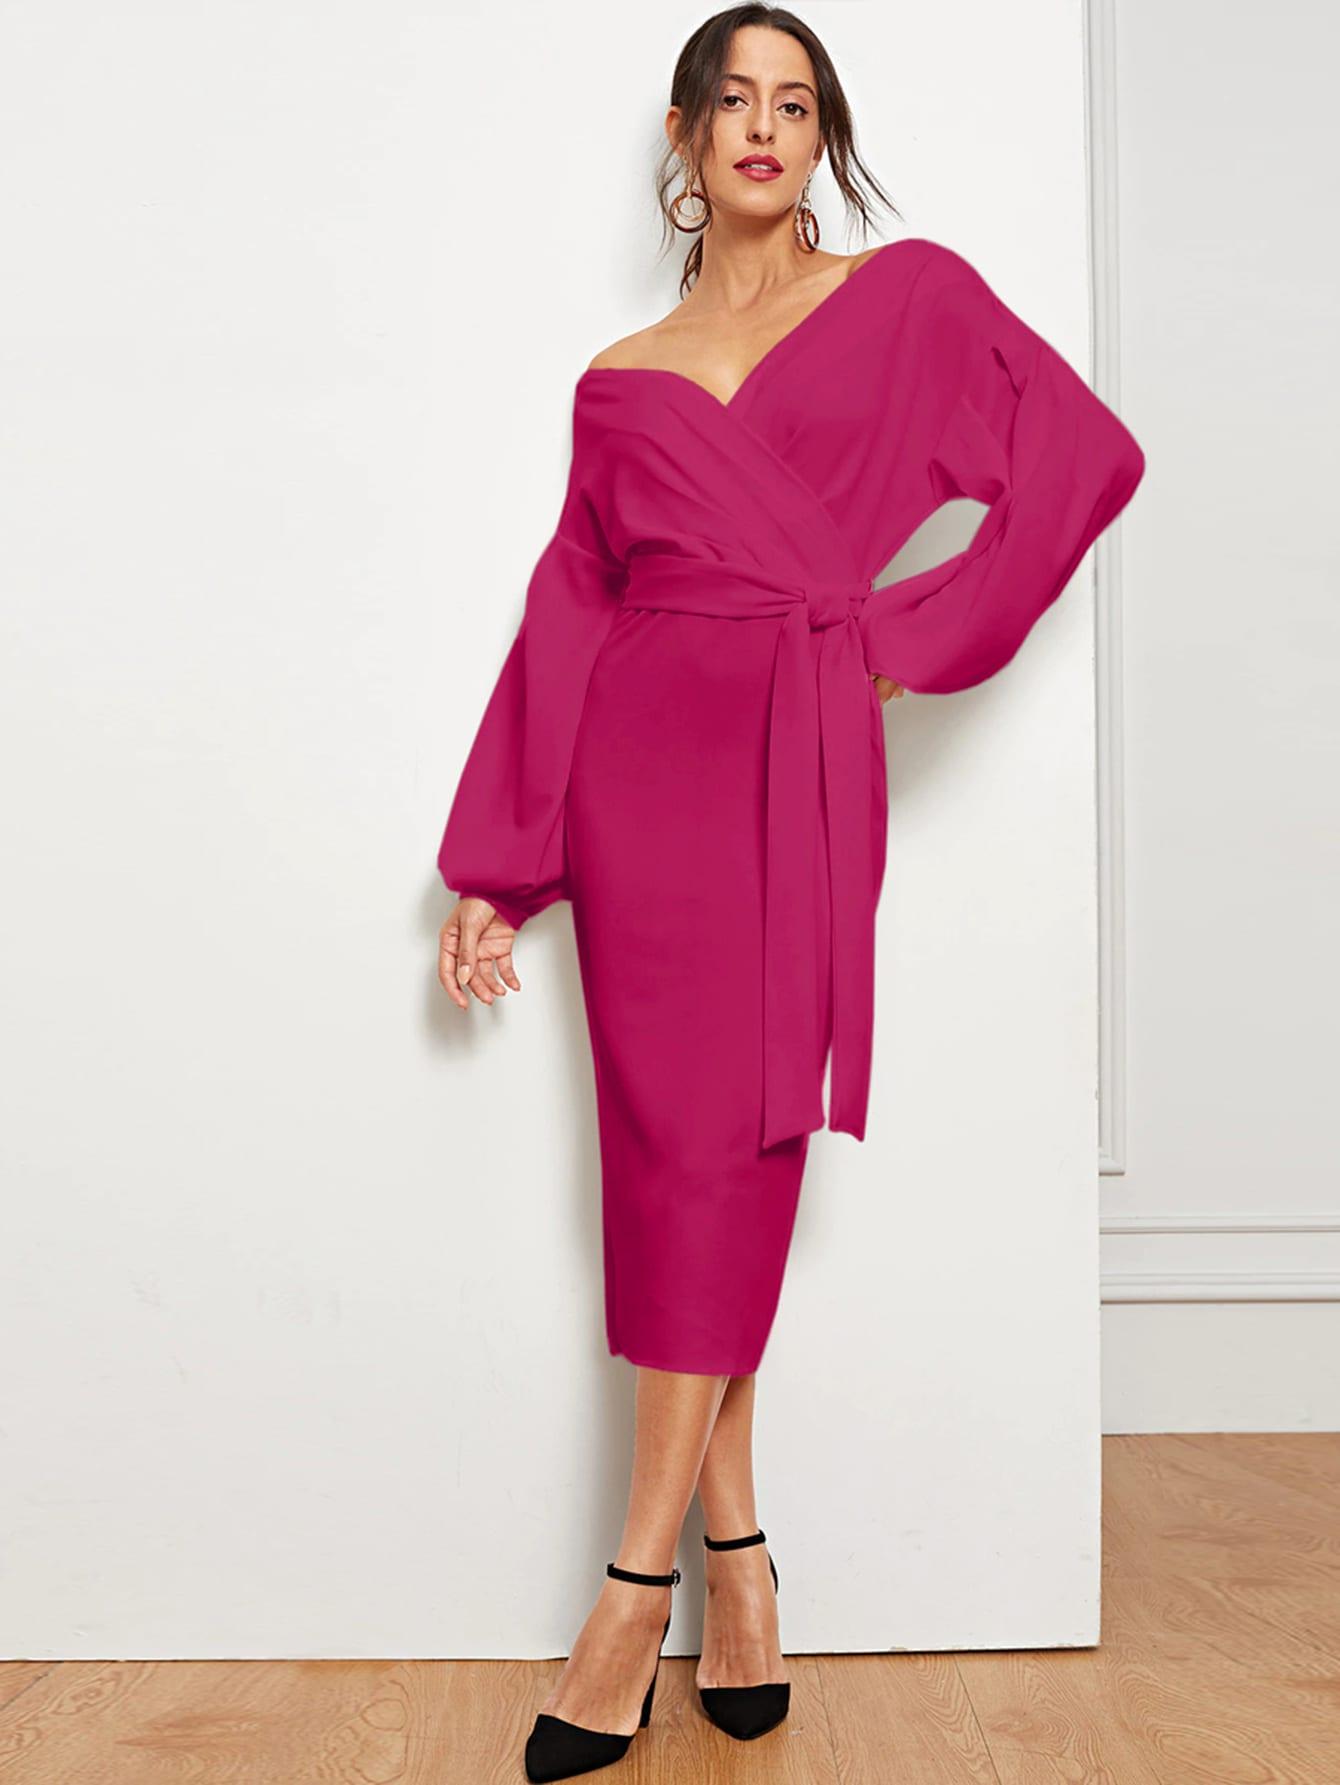 Фото - Платье-карандаш со спущенным рукавом, разрезом и поясом от SheIn цвет розовые